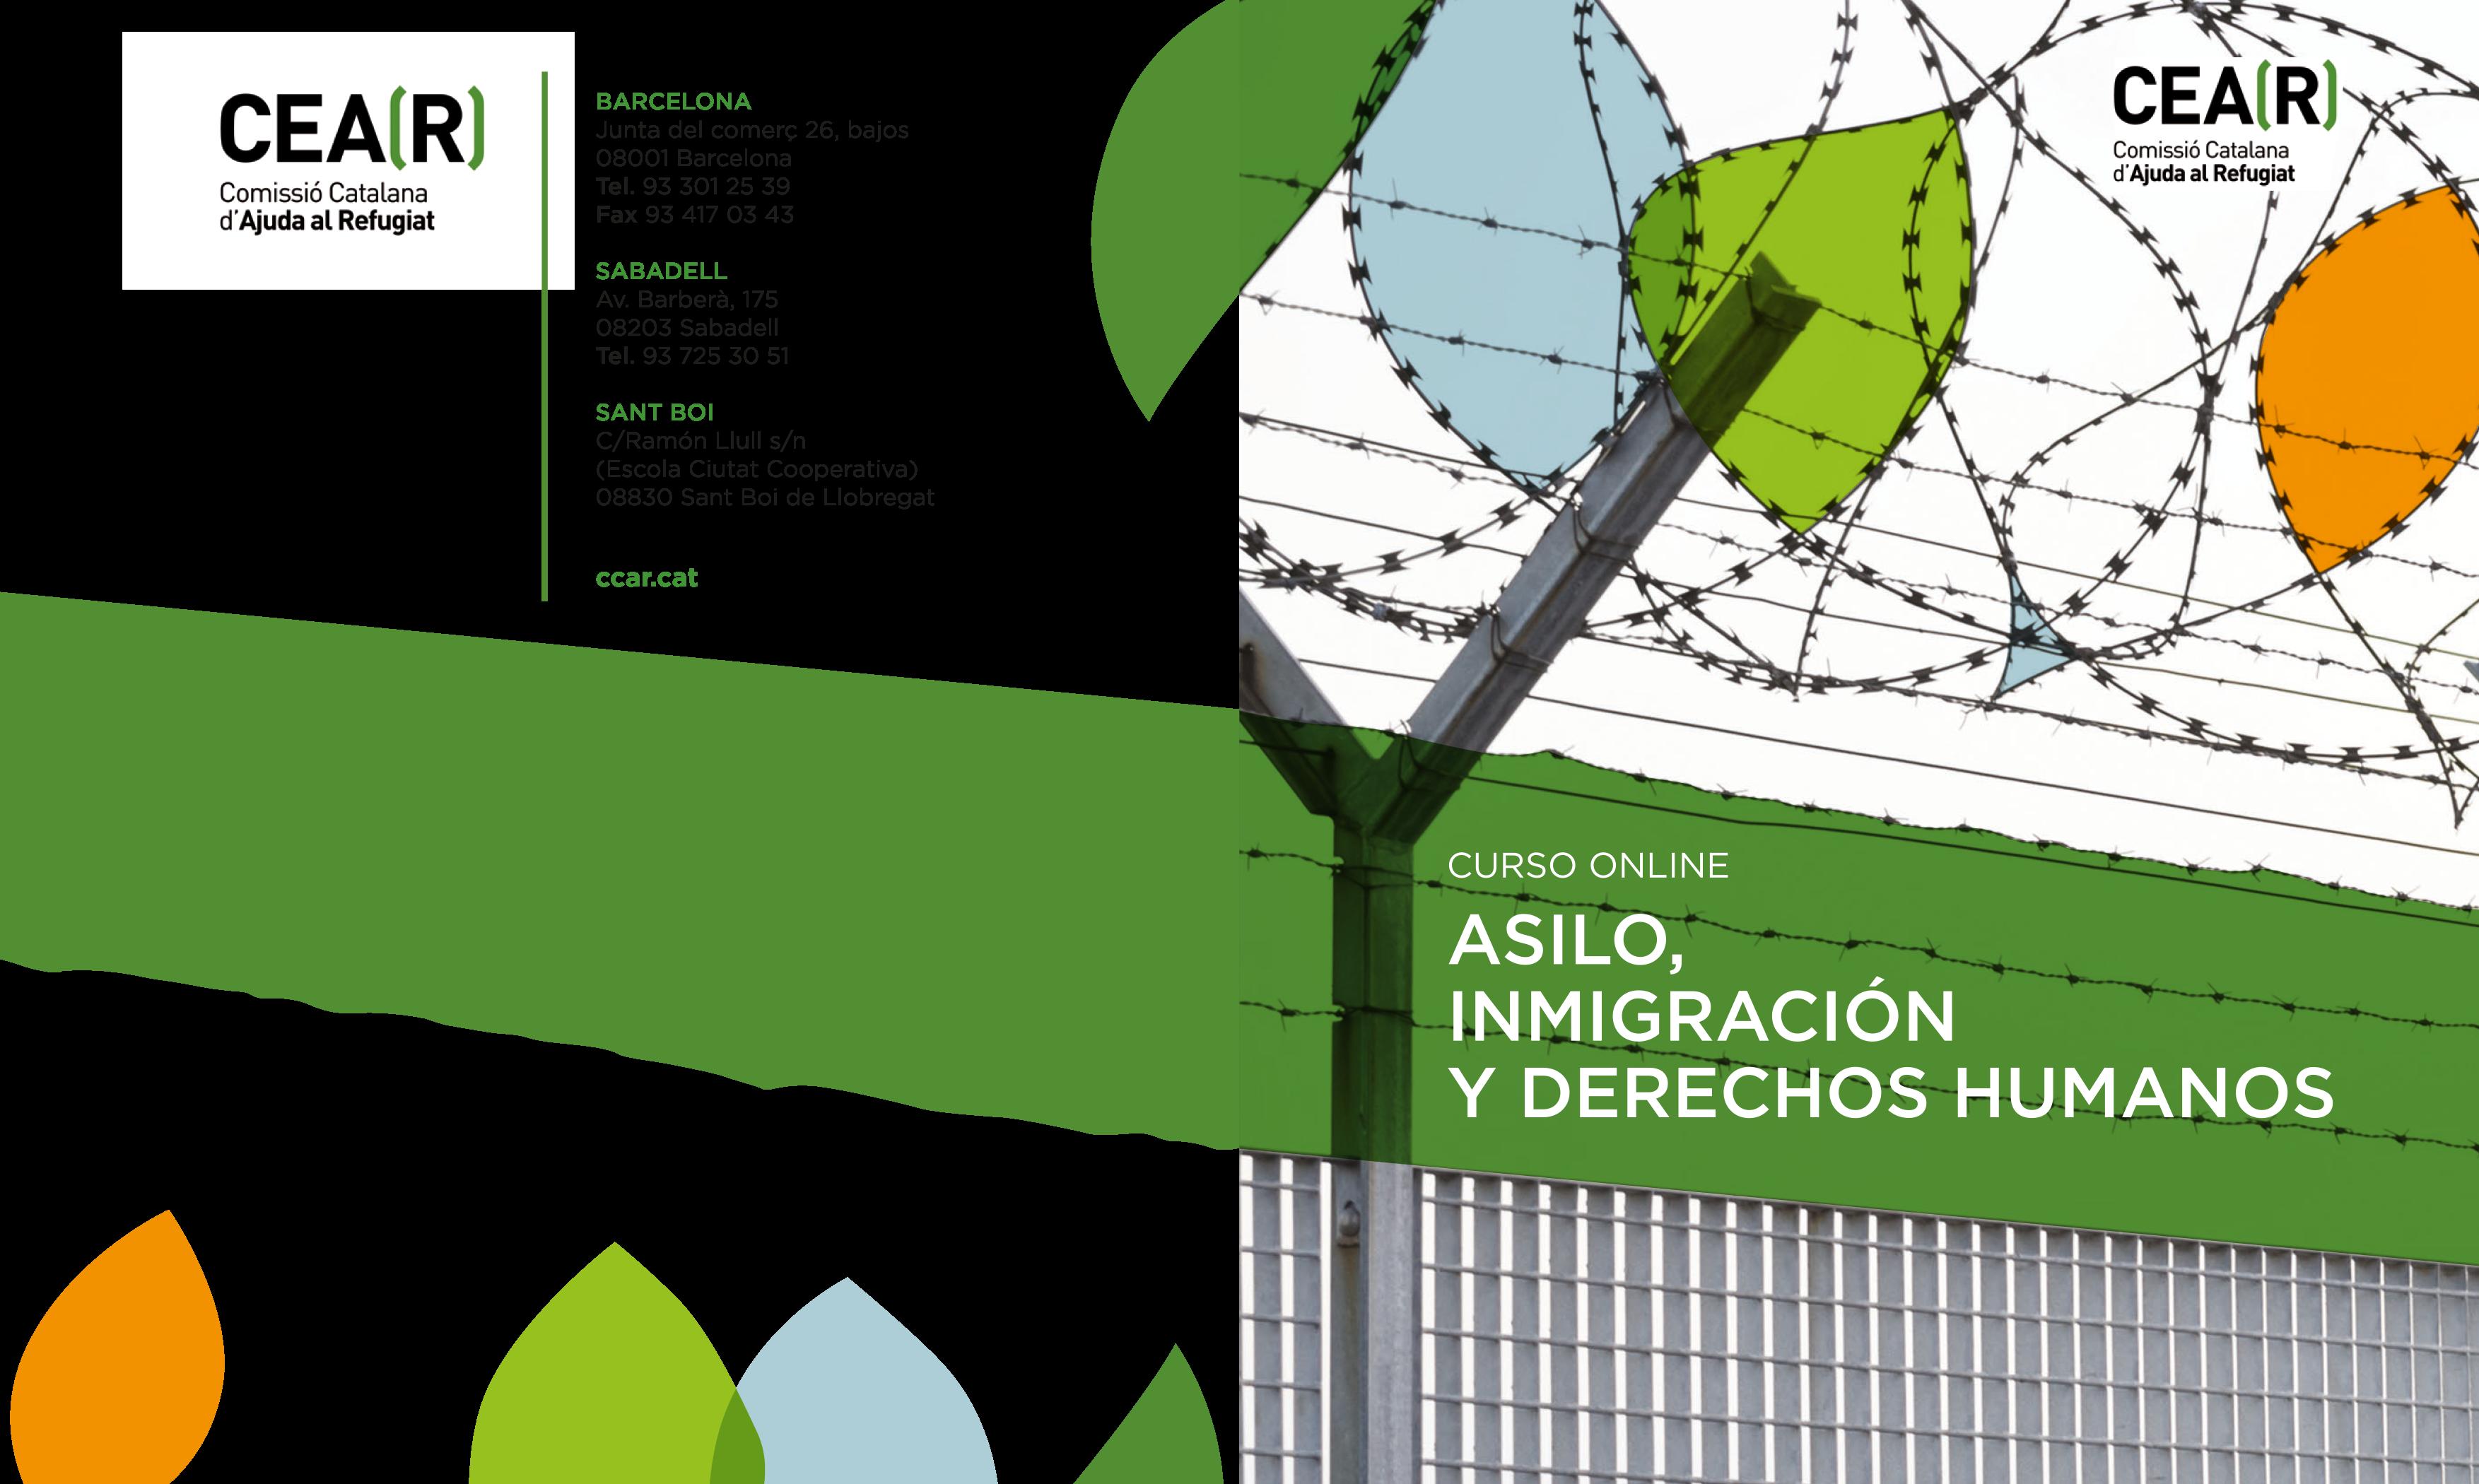 Curso Online: Asilo, Inmigración Y Derechos Humanos